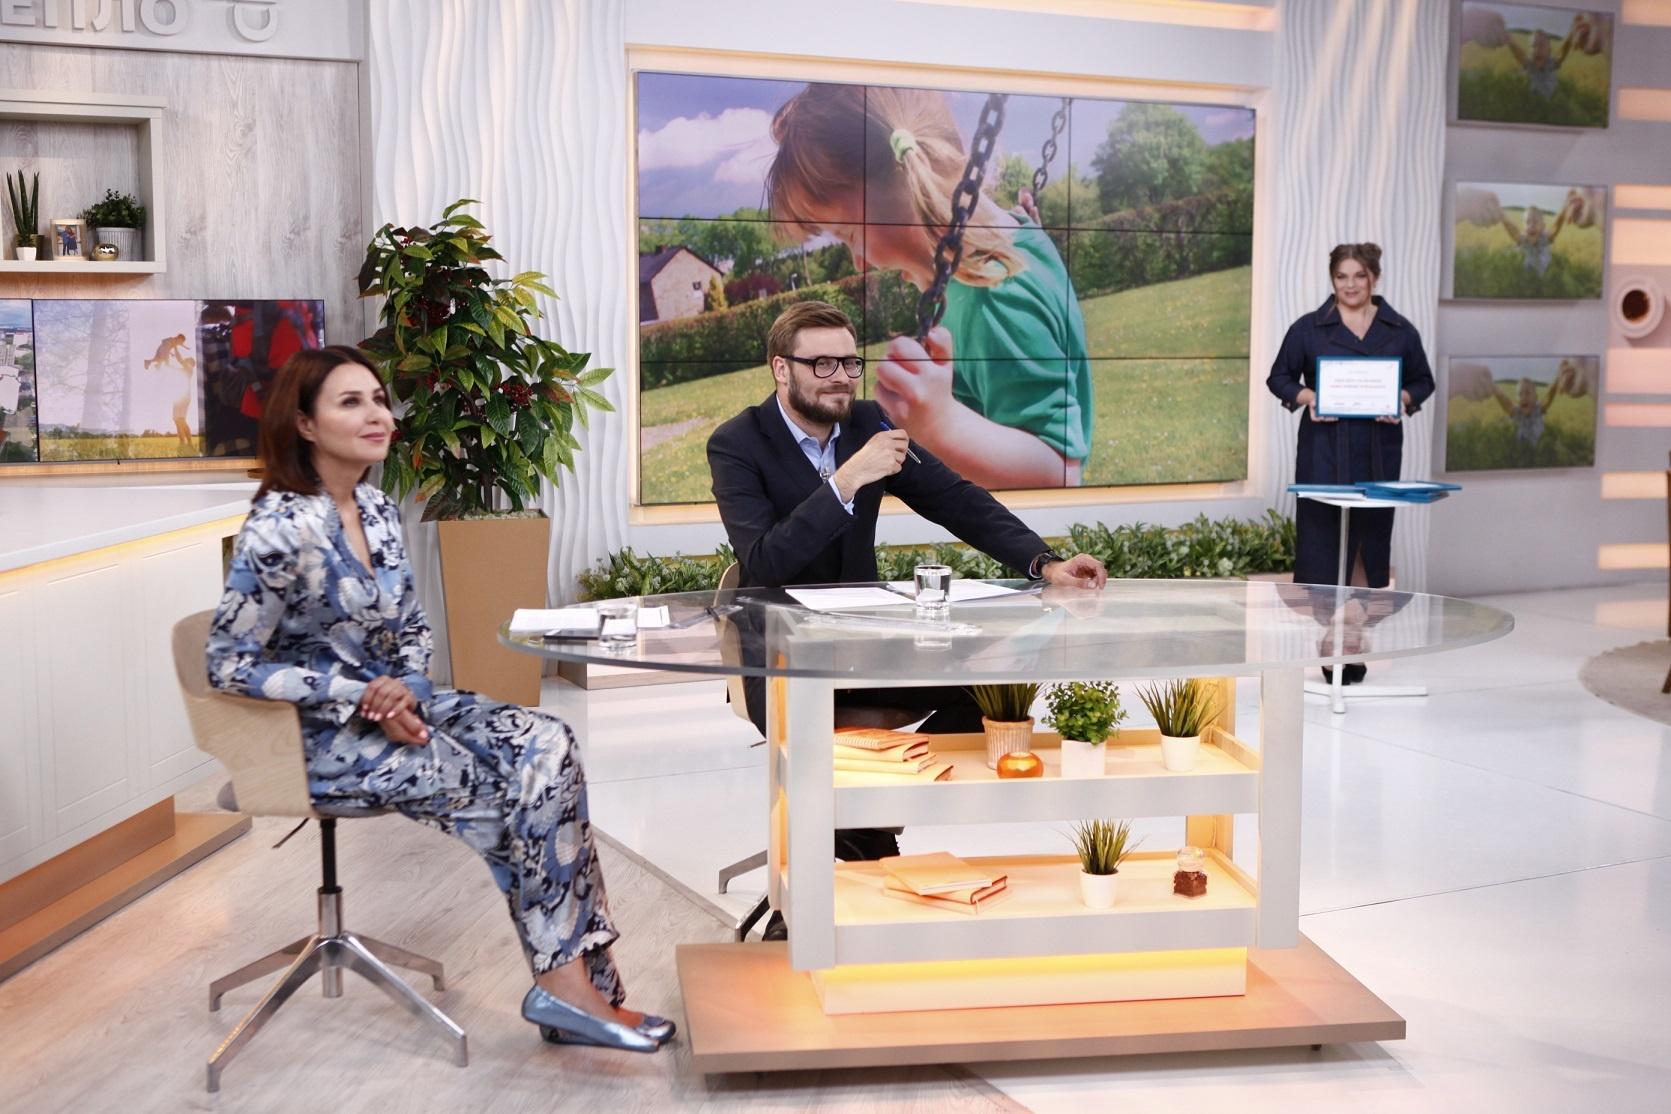 sndanok-z-11-i-natalya-moseychuk-sobirayut-sredstva-na-shkolu-supergeroev-1